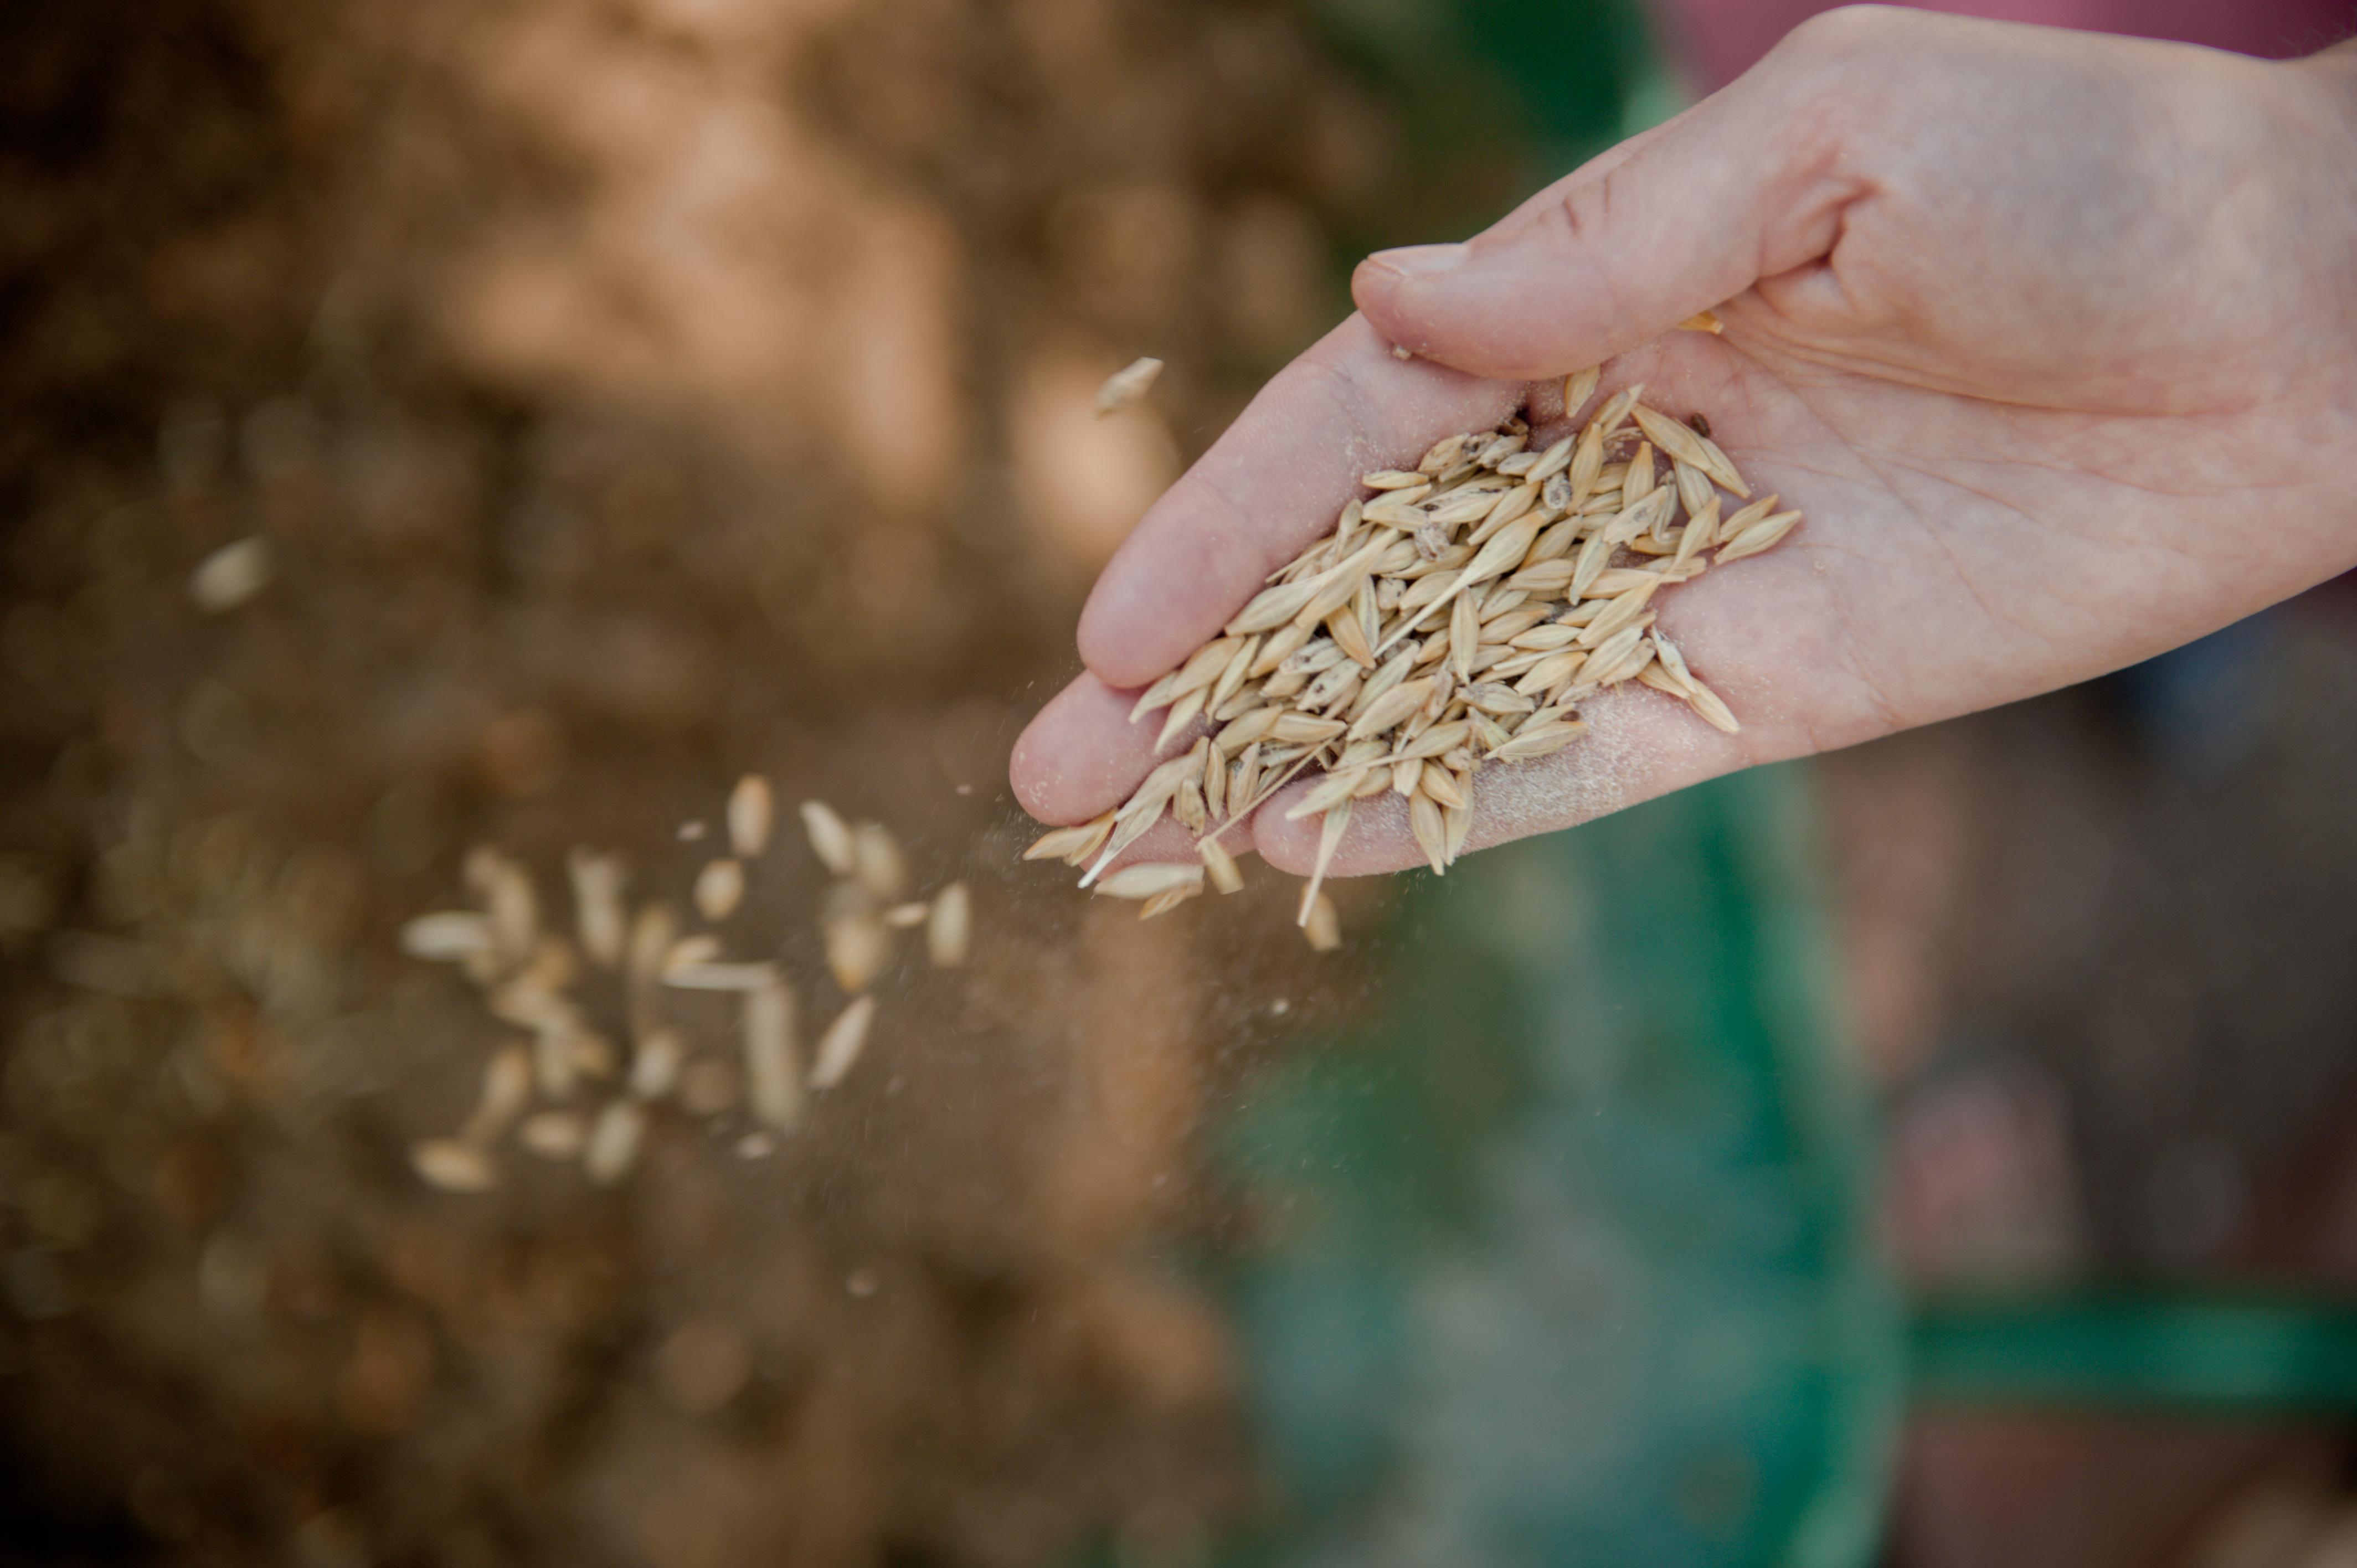 Buğday Derneği, üyelik ekibi için çalışma arkadaşları arıyor